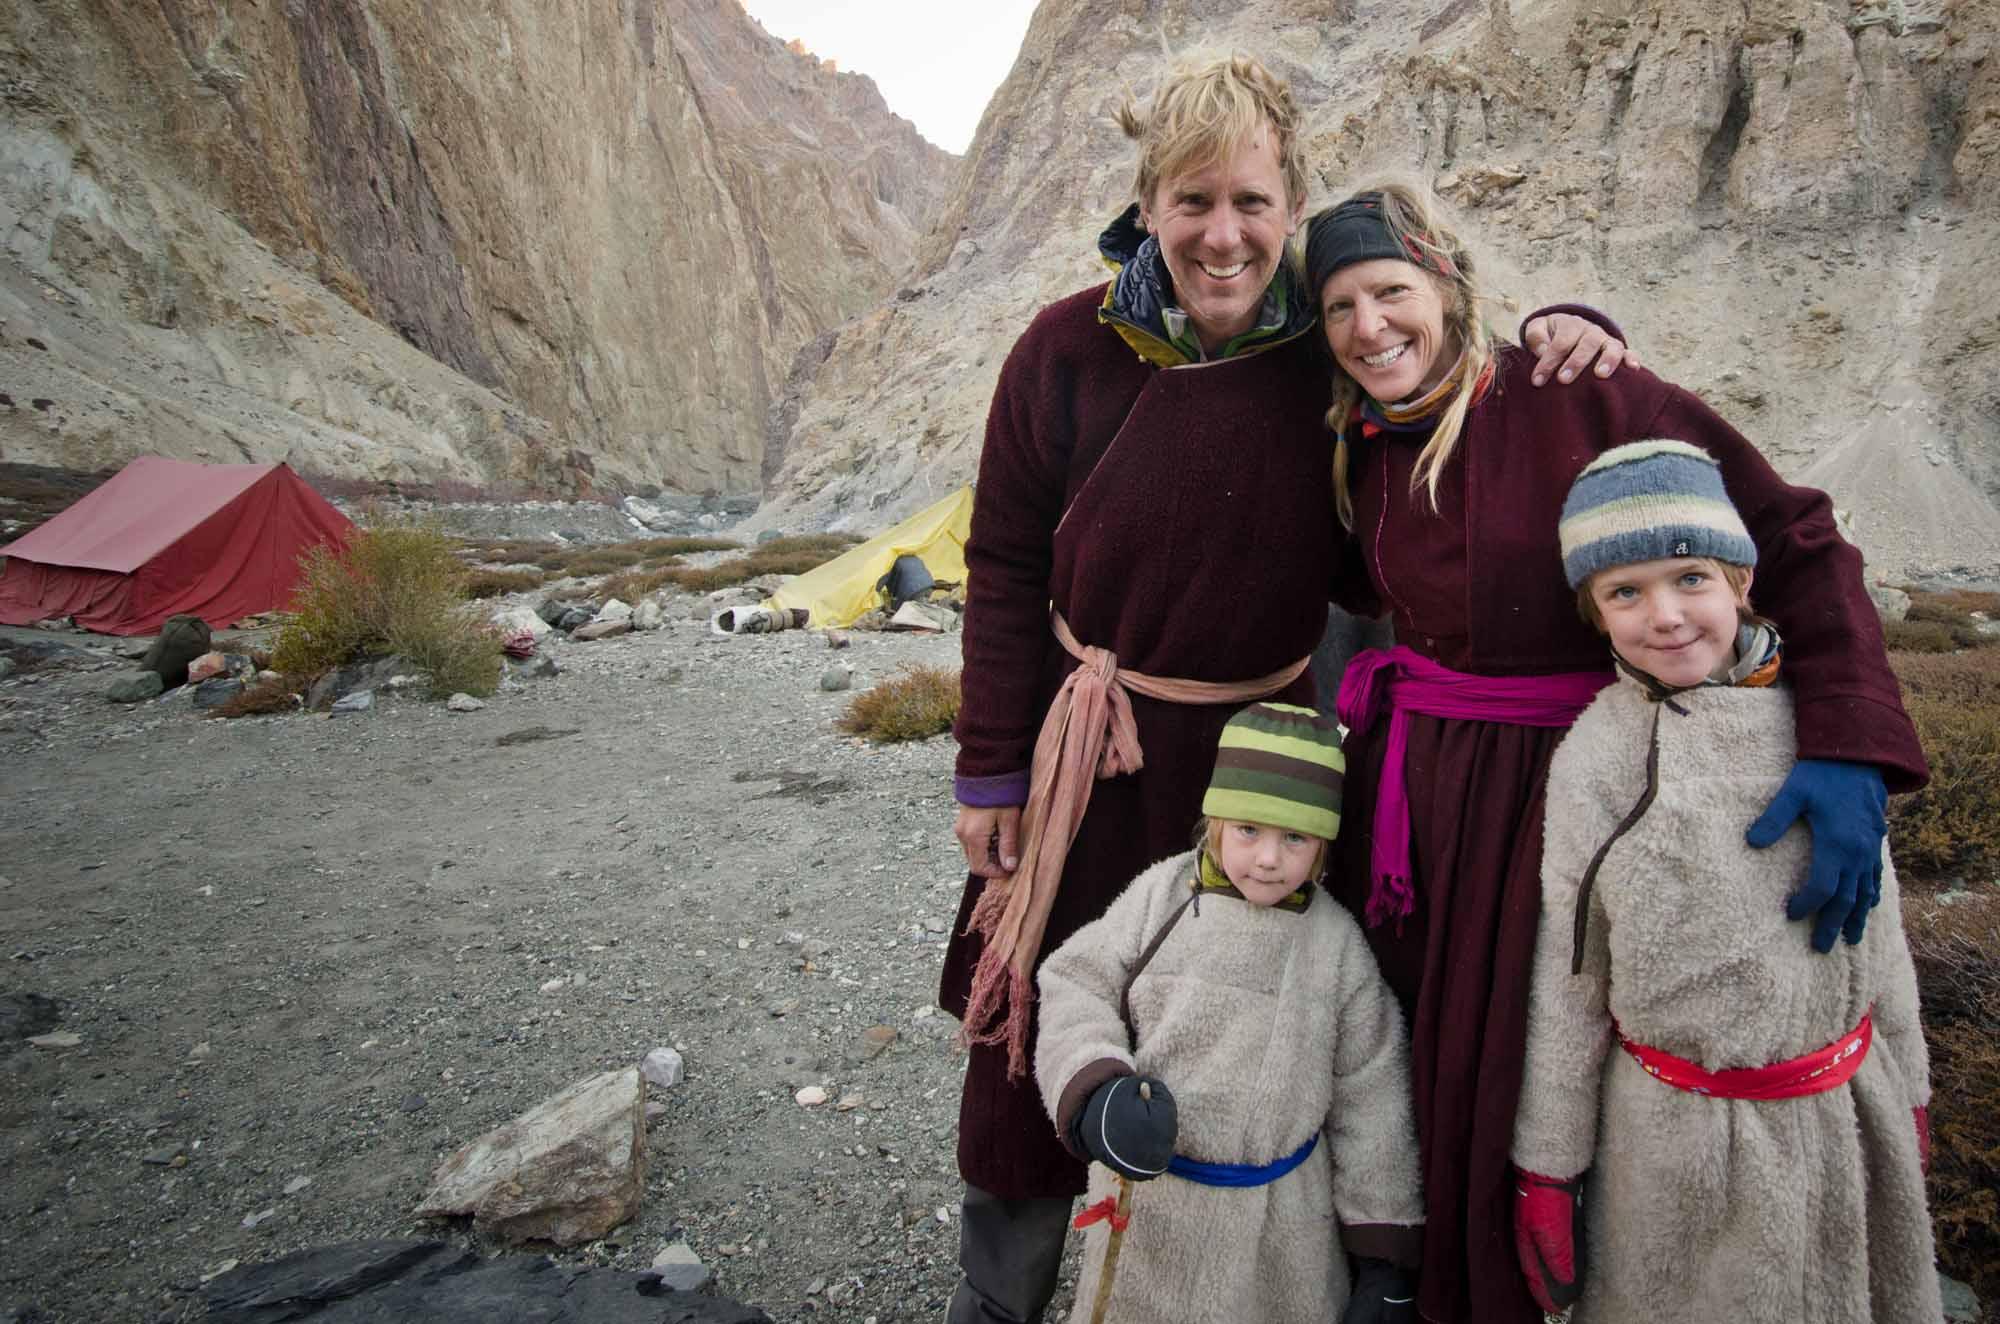 Blue-Sky-Kingdom-Family-Vacation-to-a-Buddhist-Monastery-KarshaGompa-BruceKirkby-family